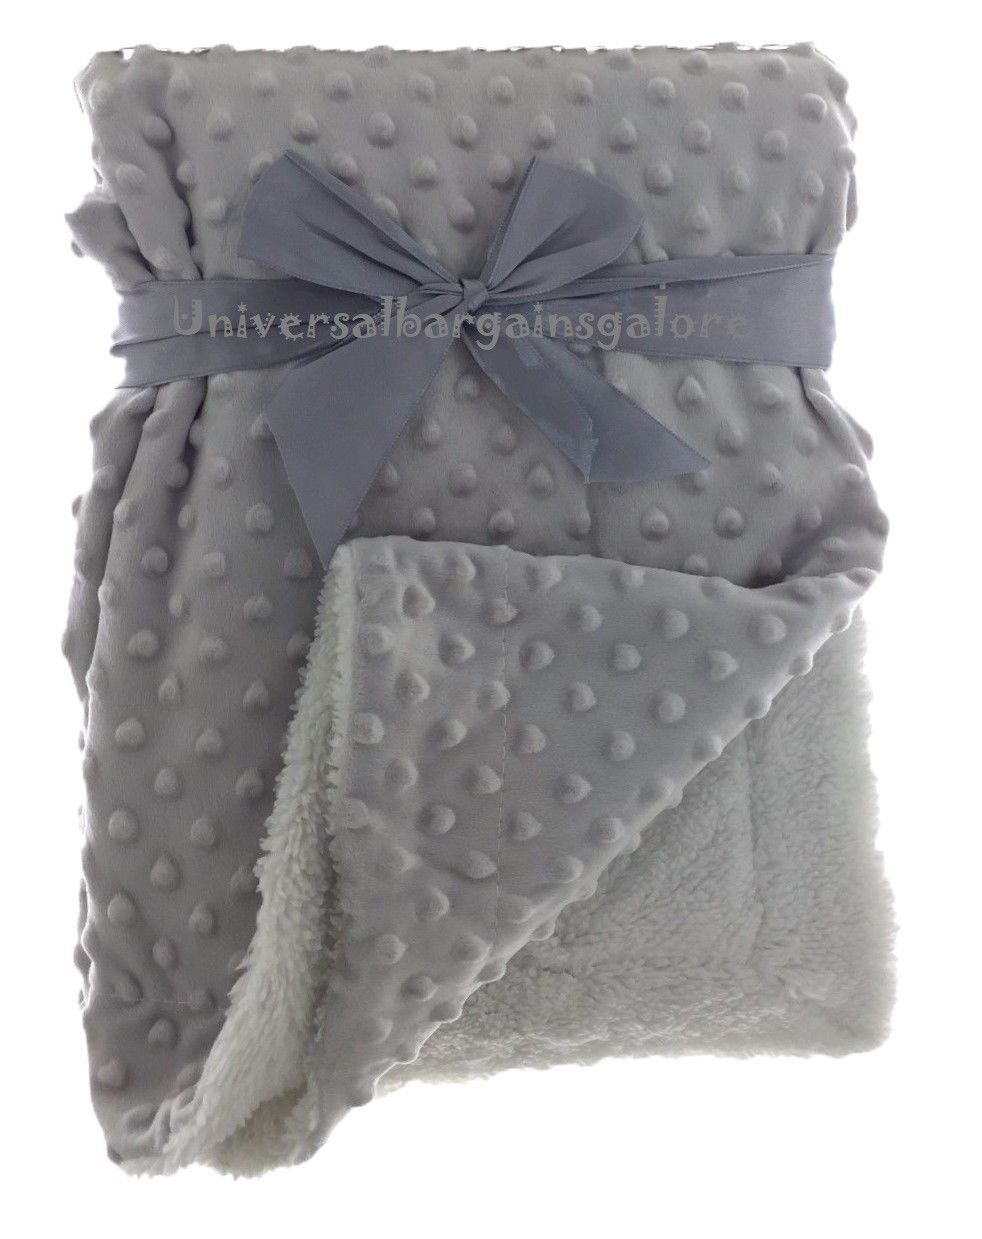 E& A Couverture Bébé Tissu Réversible Minky et Sherpa Soft Touch Respirant Anti-Pilling Multiuse pour Poussette Linge de Lit Voiture Siège de Voiture Lavable E&A Distribution Limited